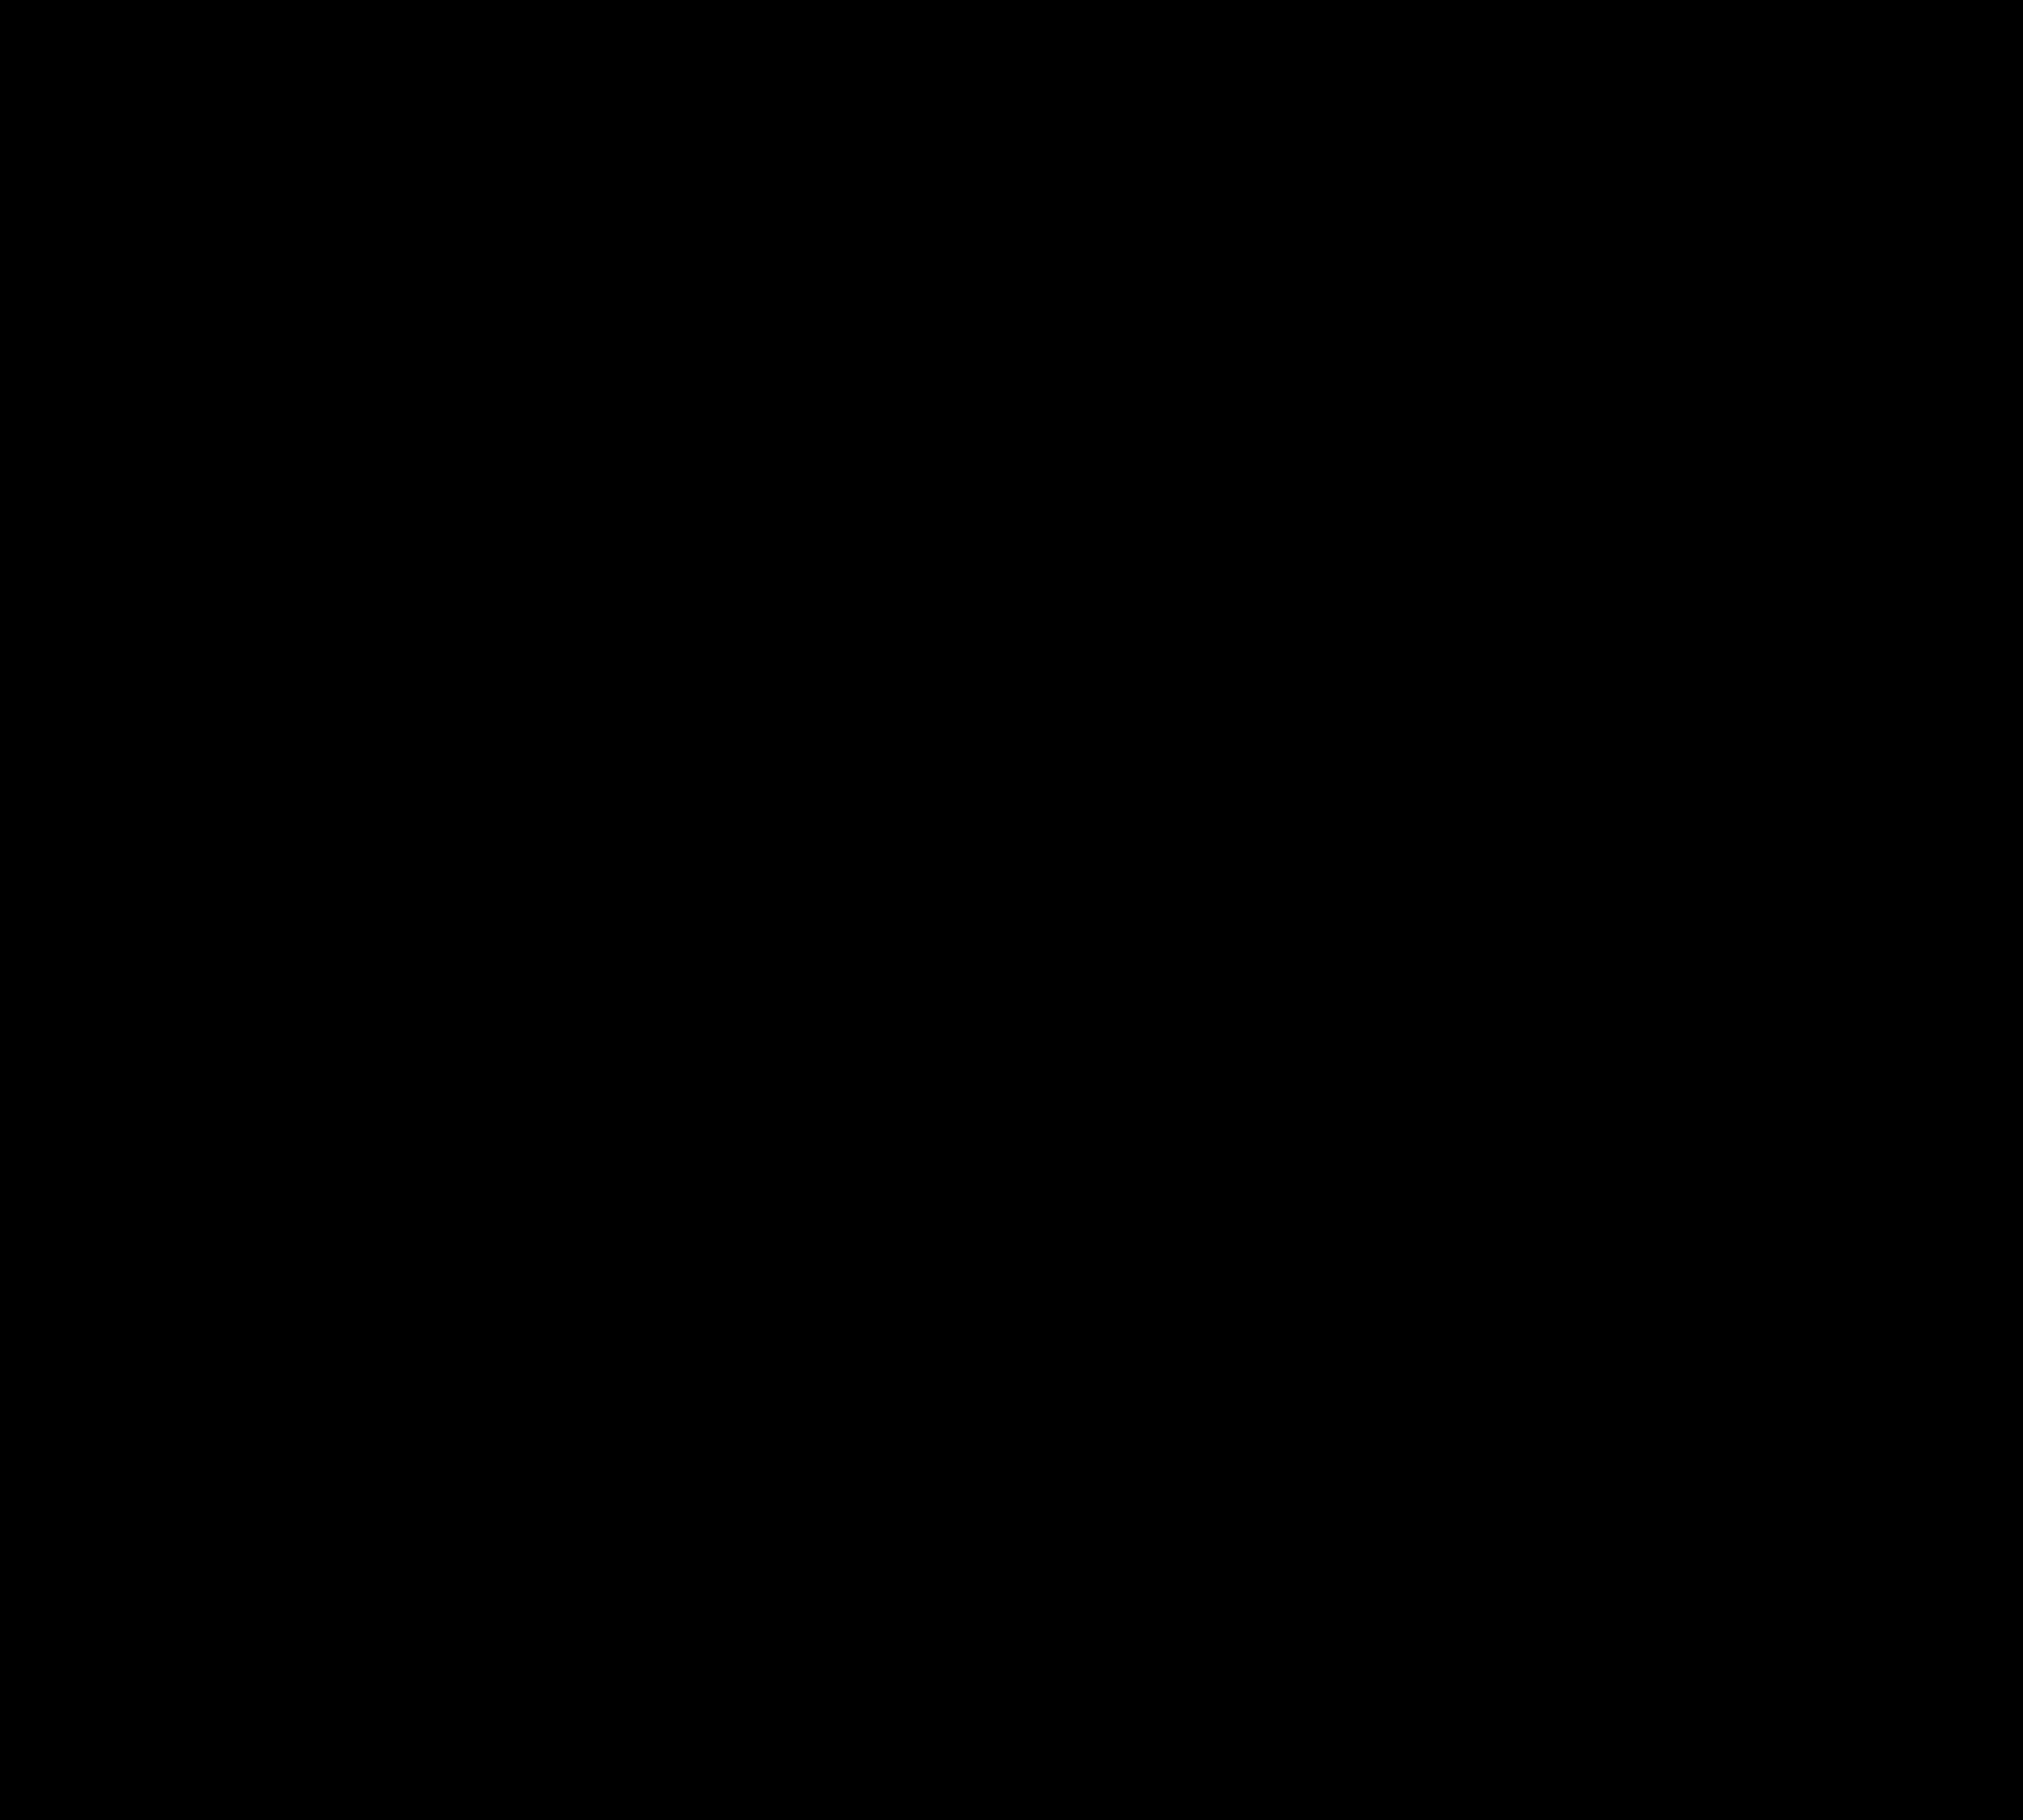 2017 exhibitors and exhibition plan medfit exhibition floor plan